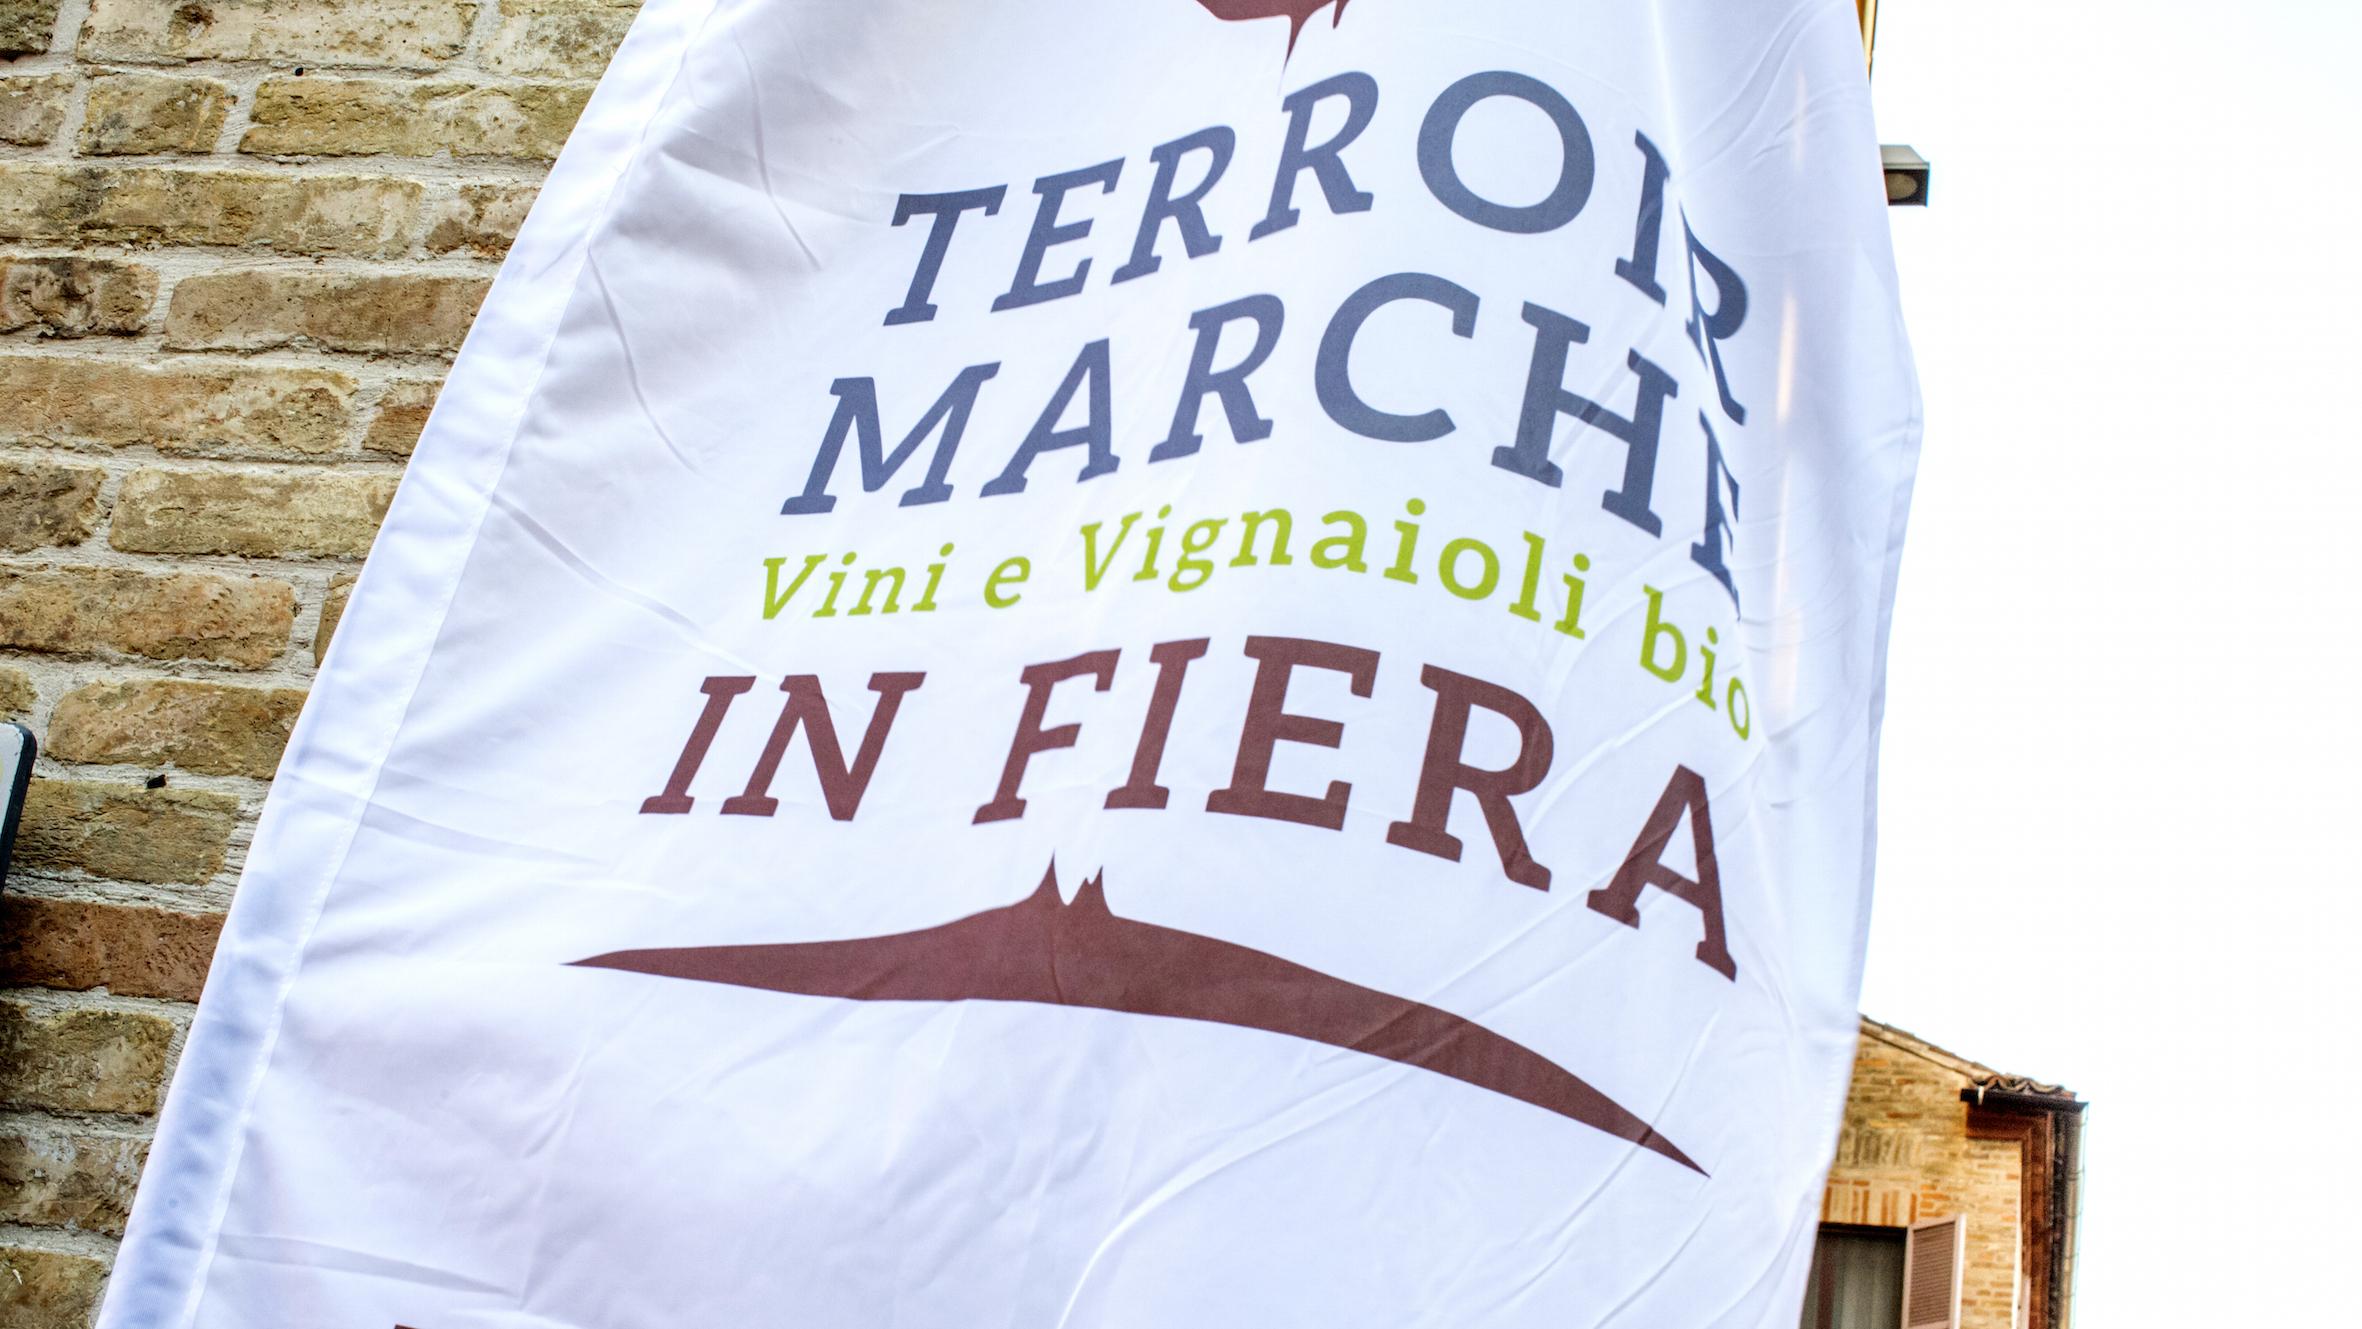 TERROIR MARCHE: riconfermato il successo per il quarto anno consecutivo